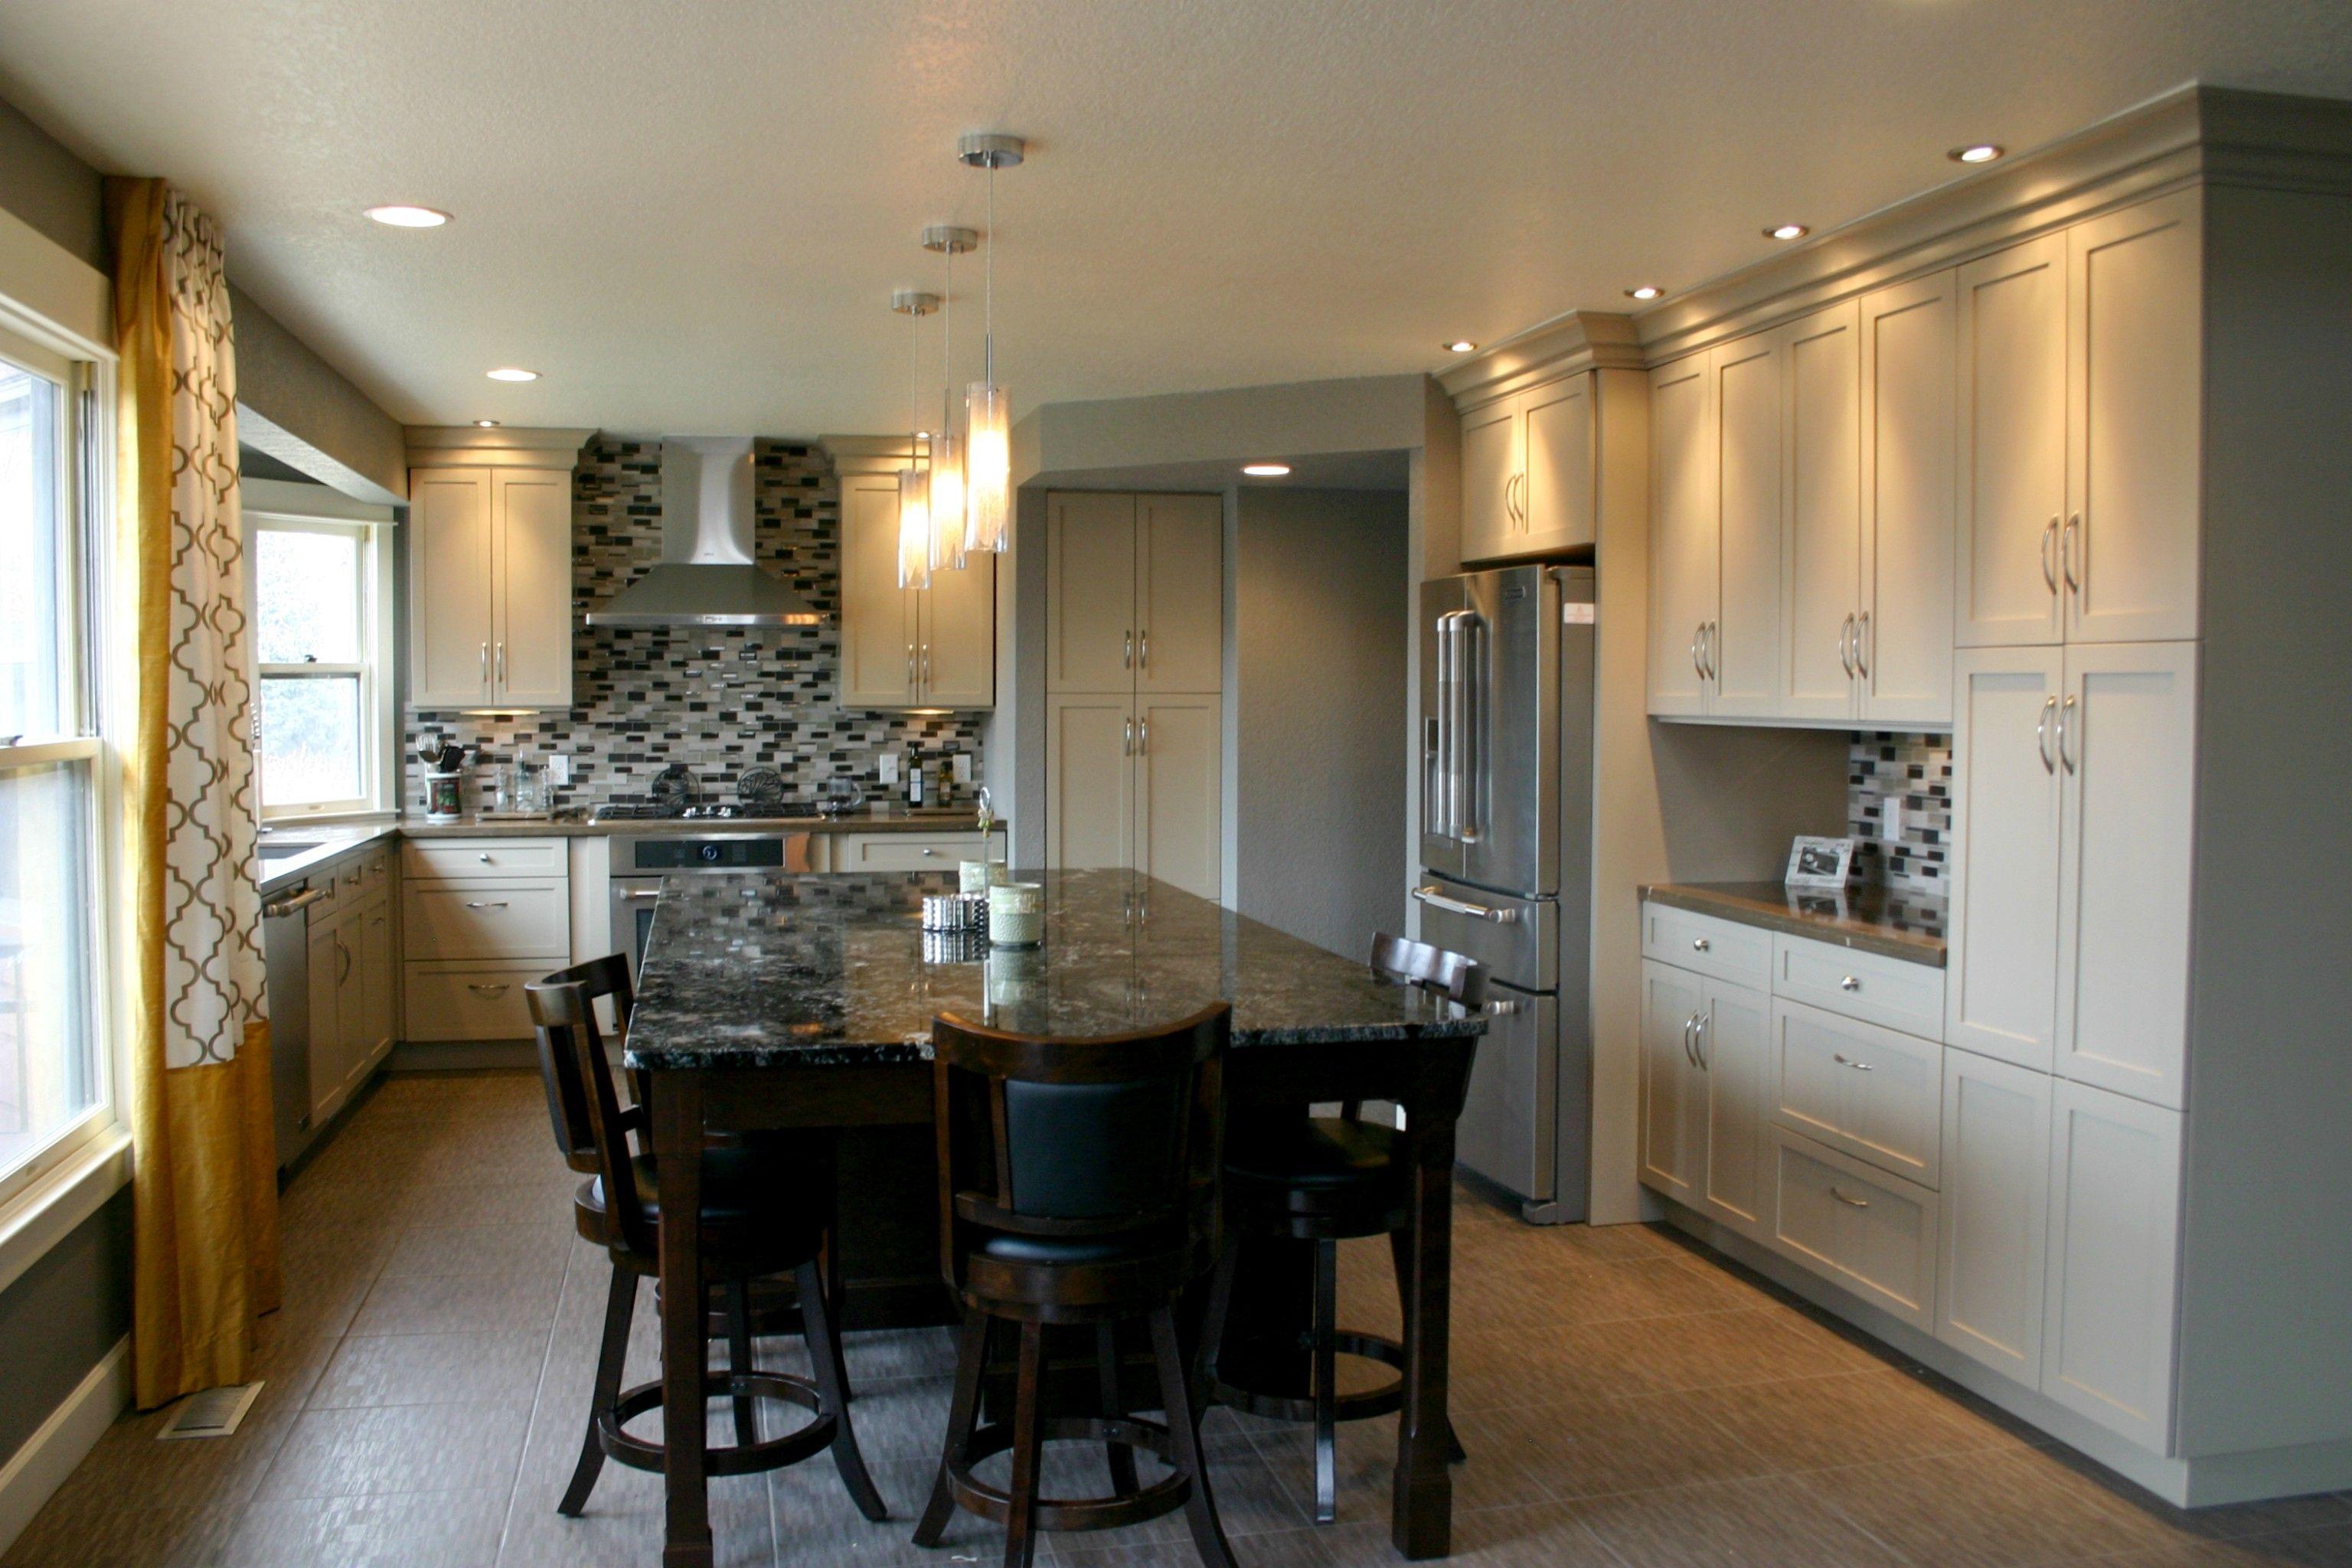 Kitchen Remodeling Denver Style Bkc Kitchen And Bath Denver Kitchen Remodel  Perimeter Cabinetry .